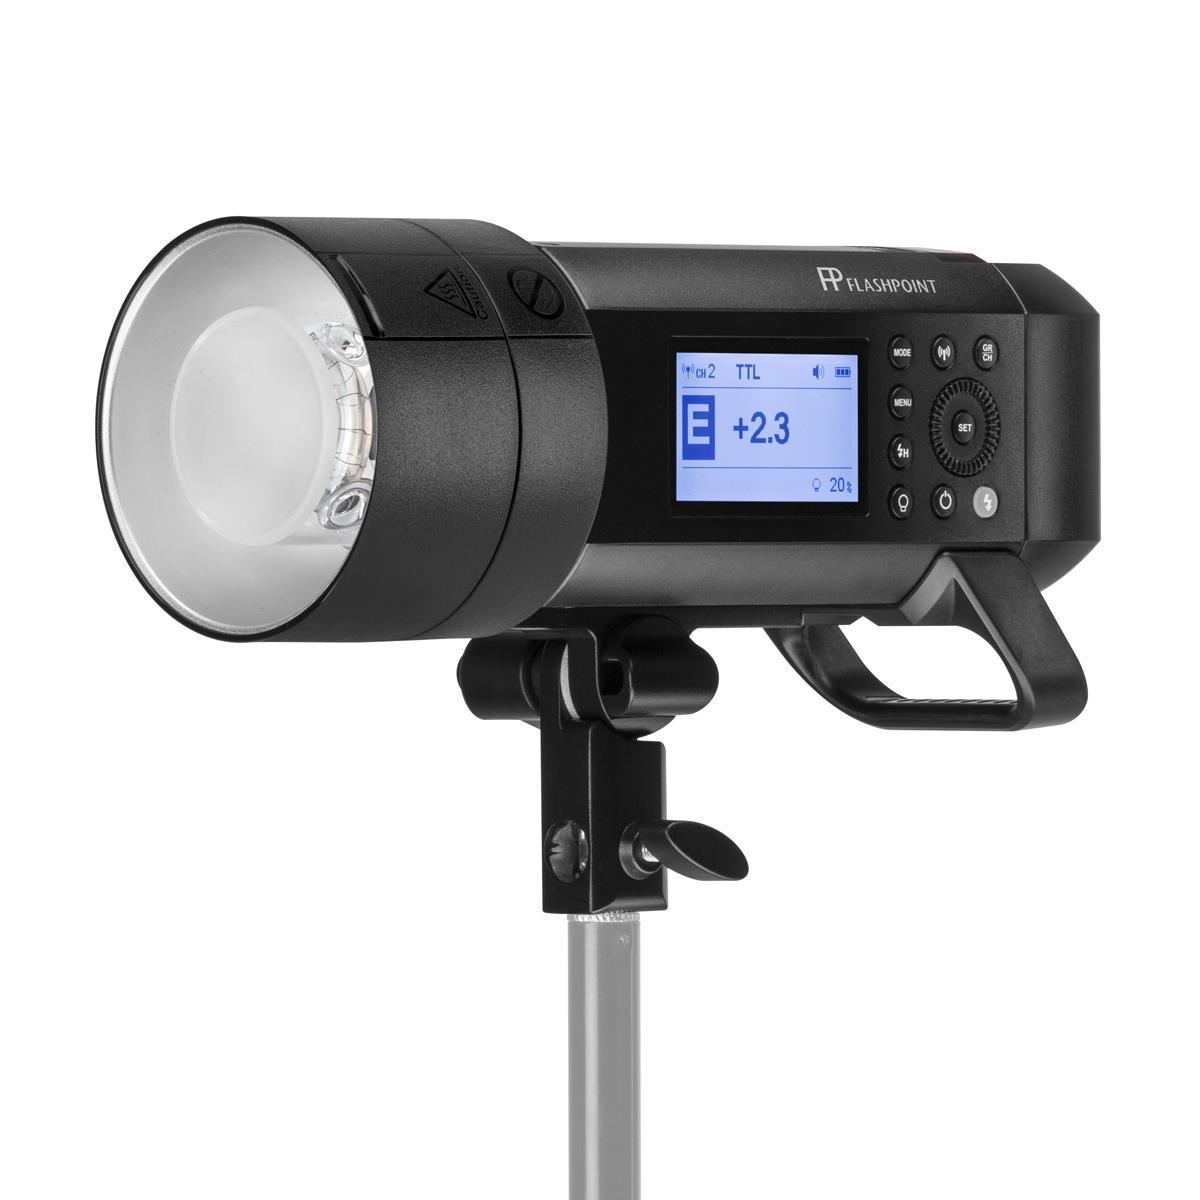 Flashpoint Xplor400 pro $419